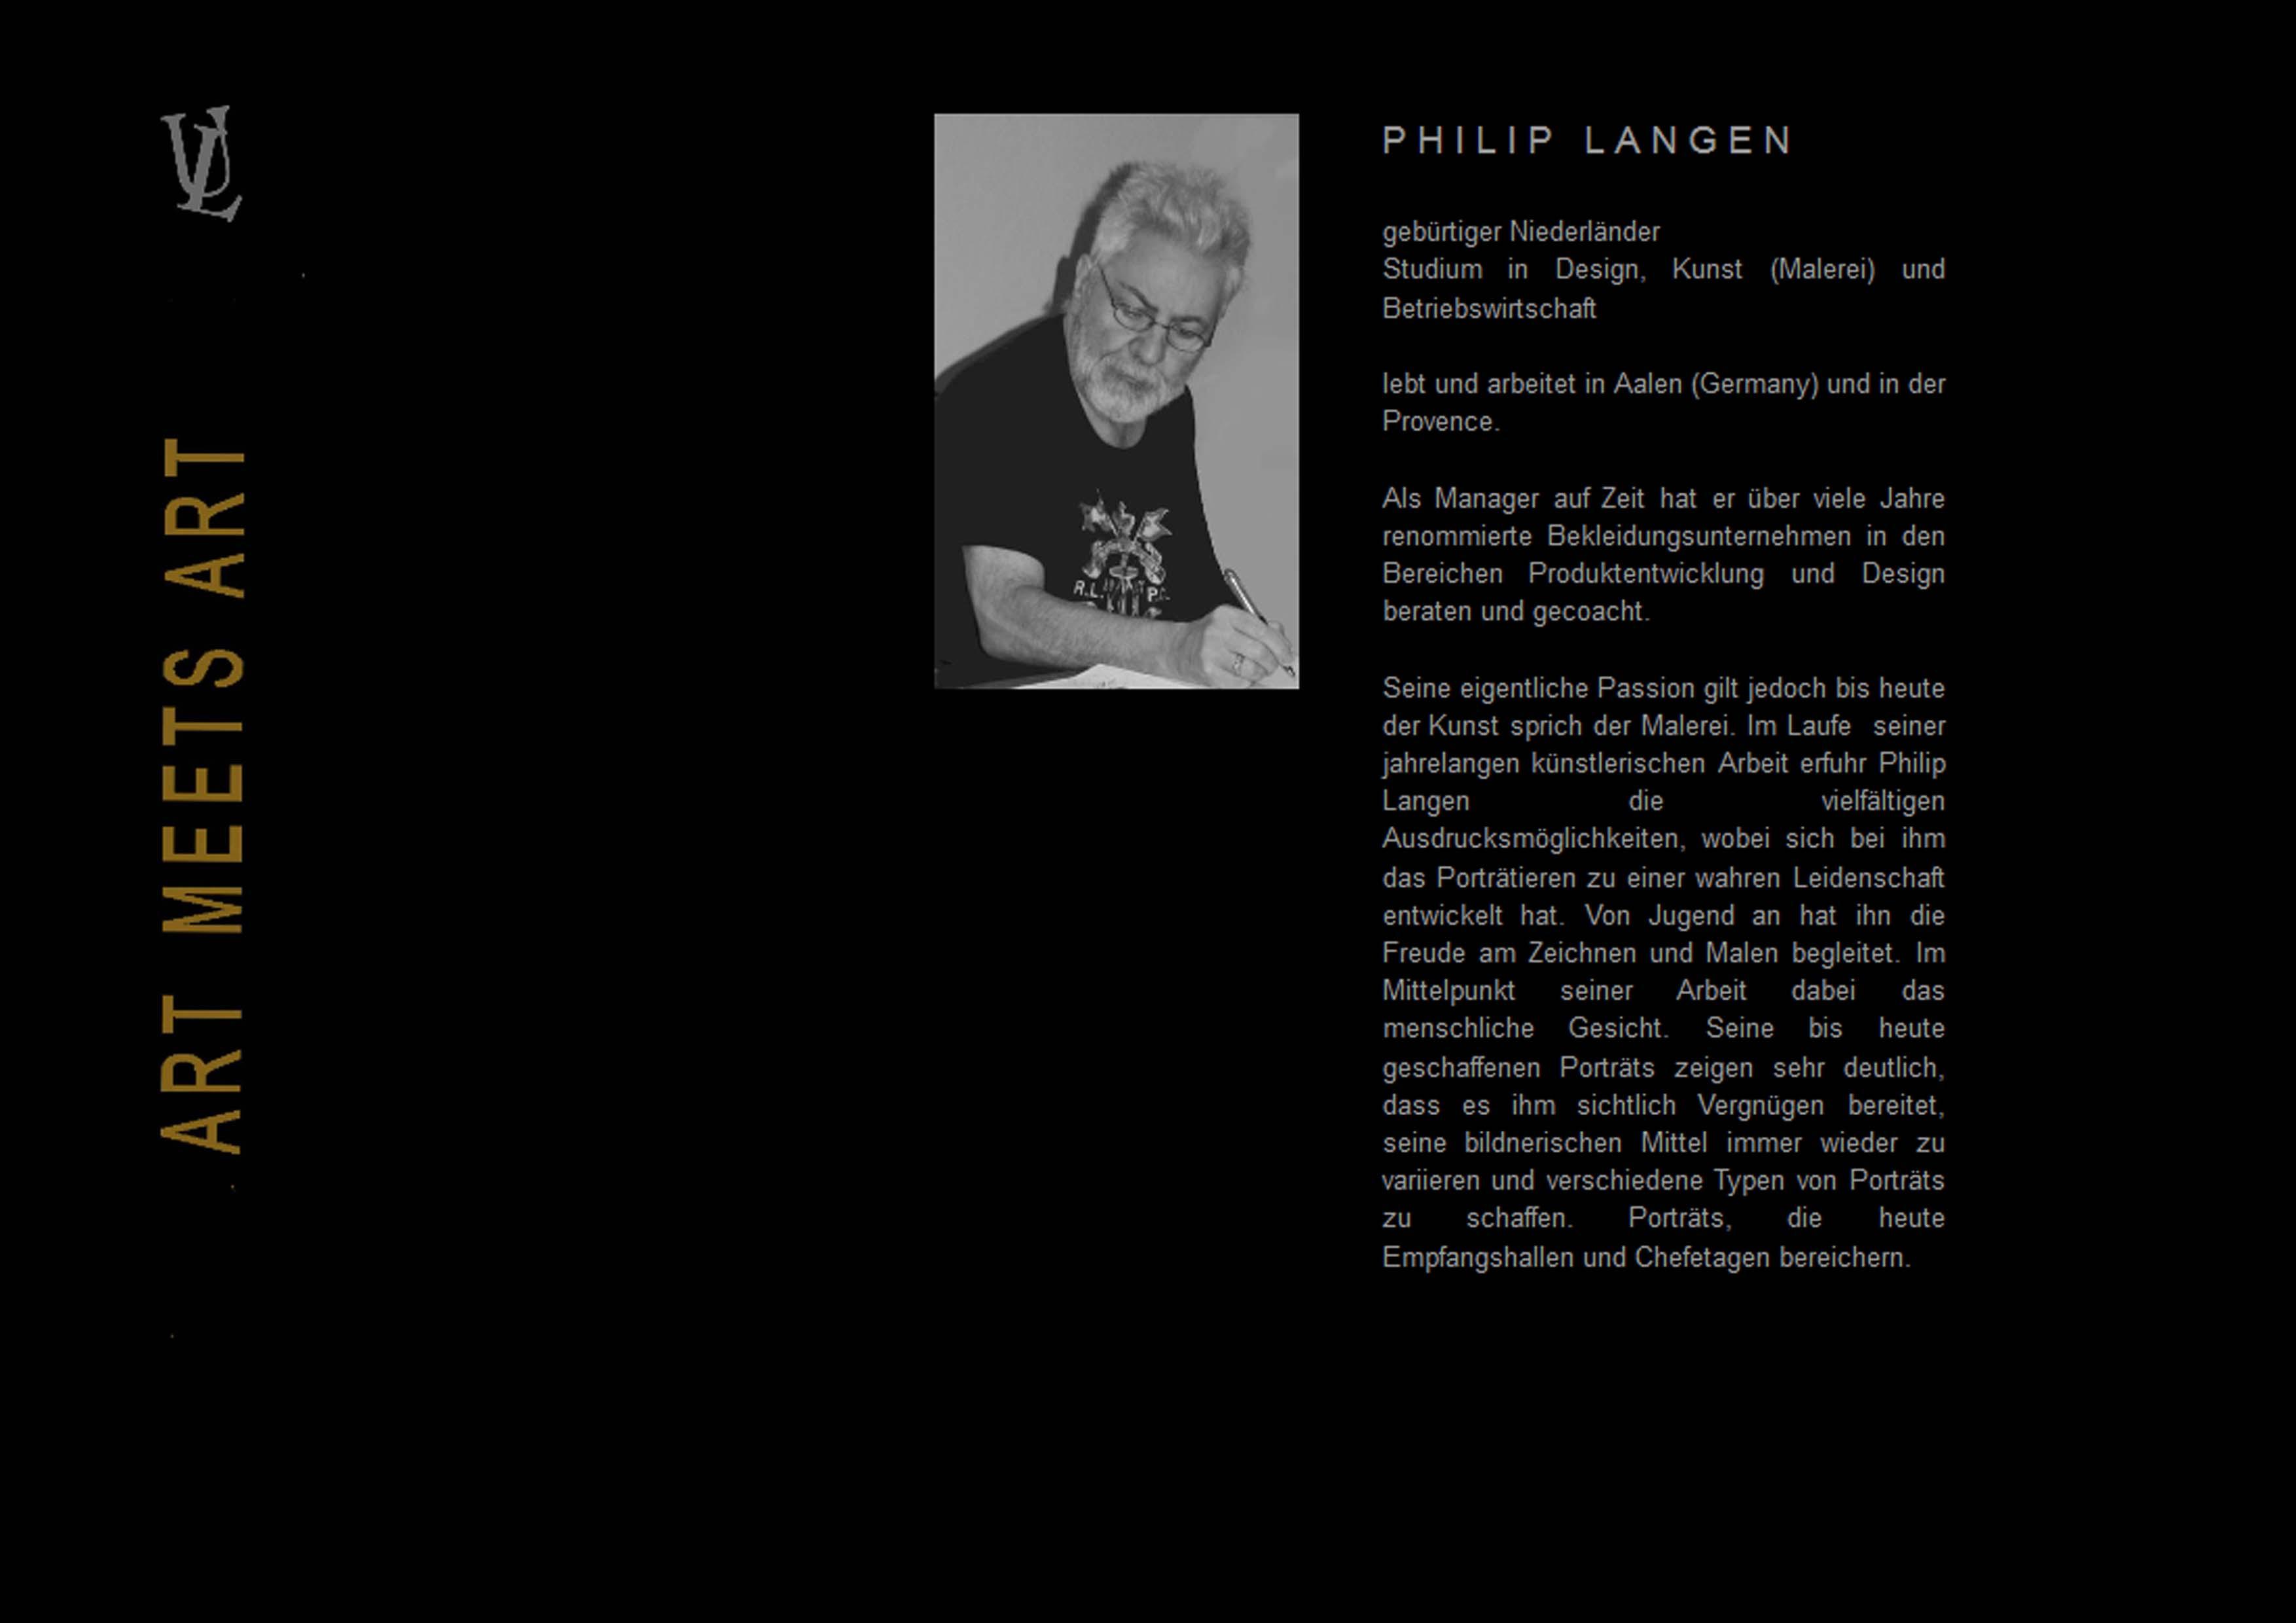 PHILIP LANGEN